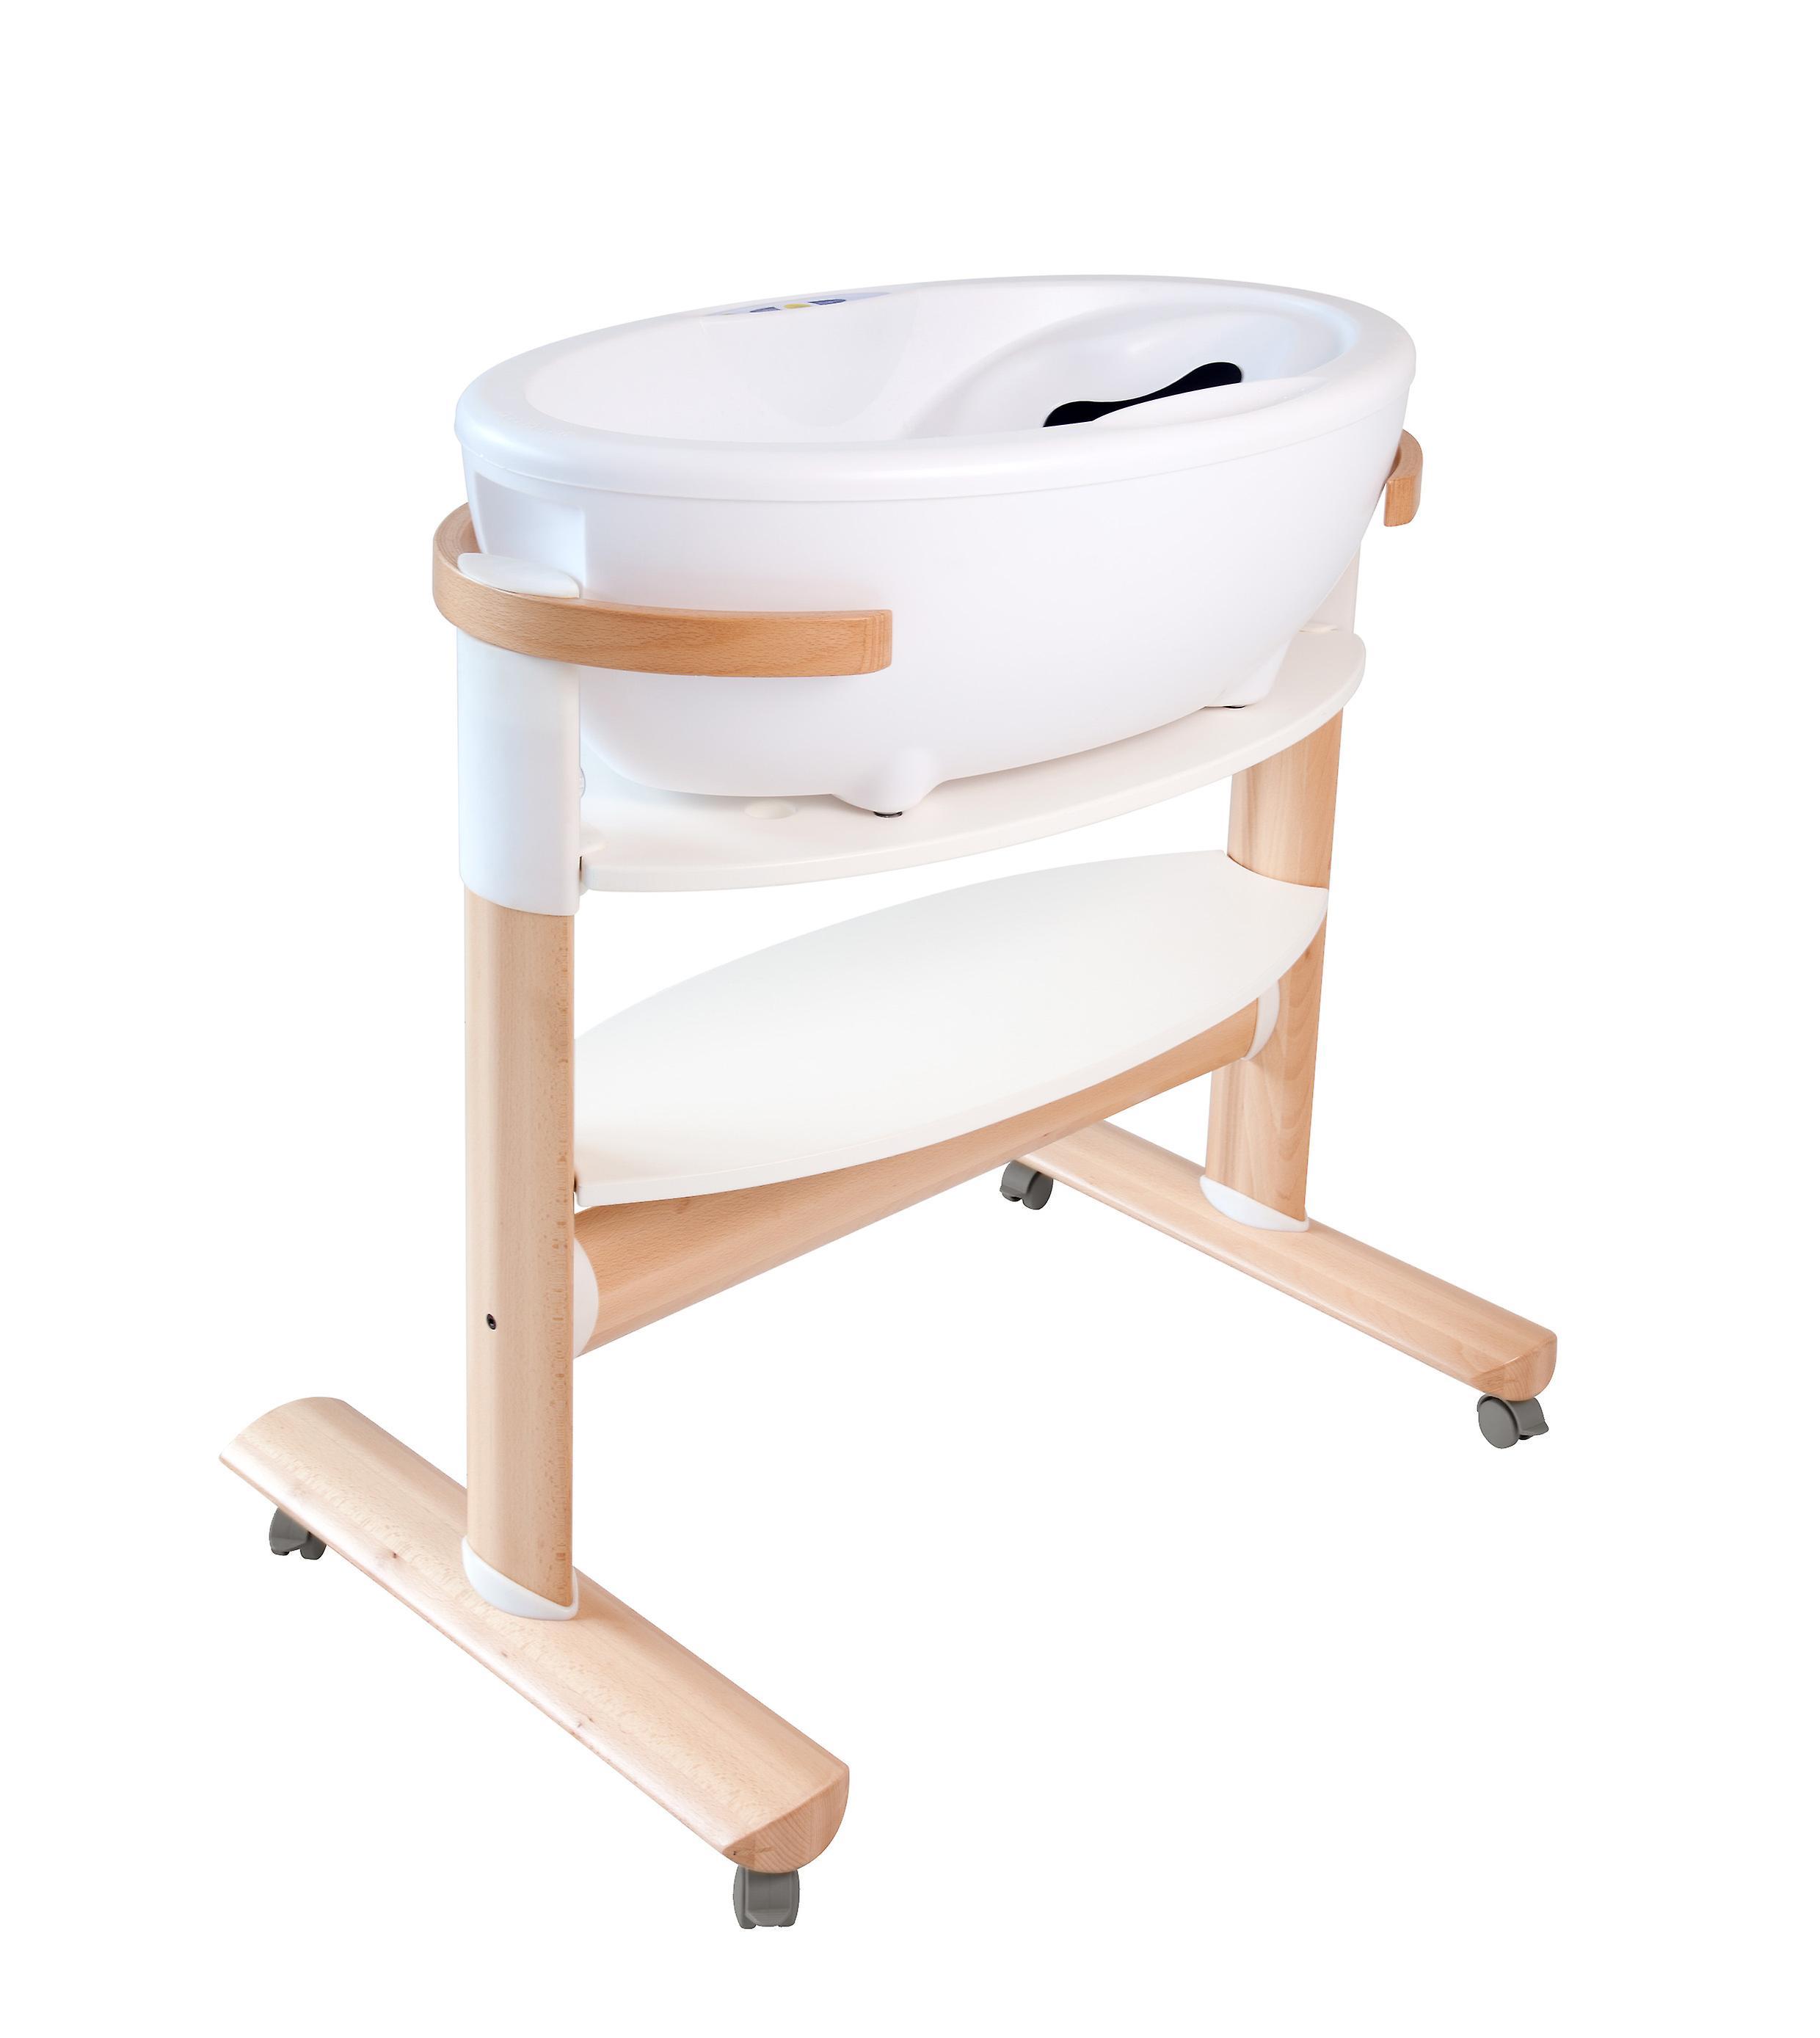 Baby Spa Bath tub stand